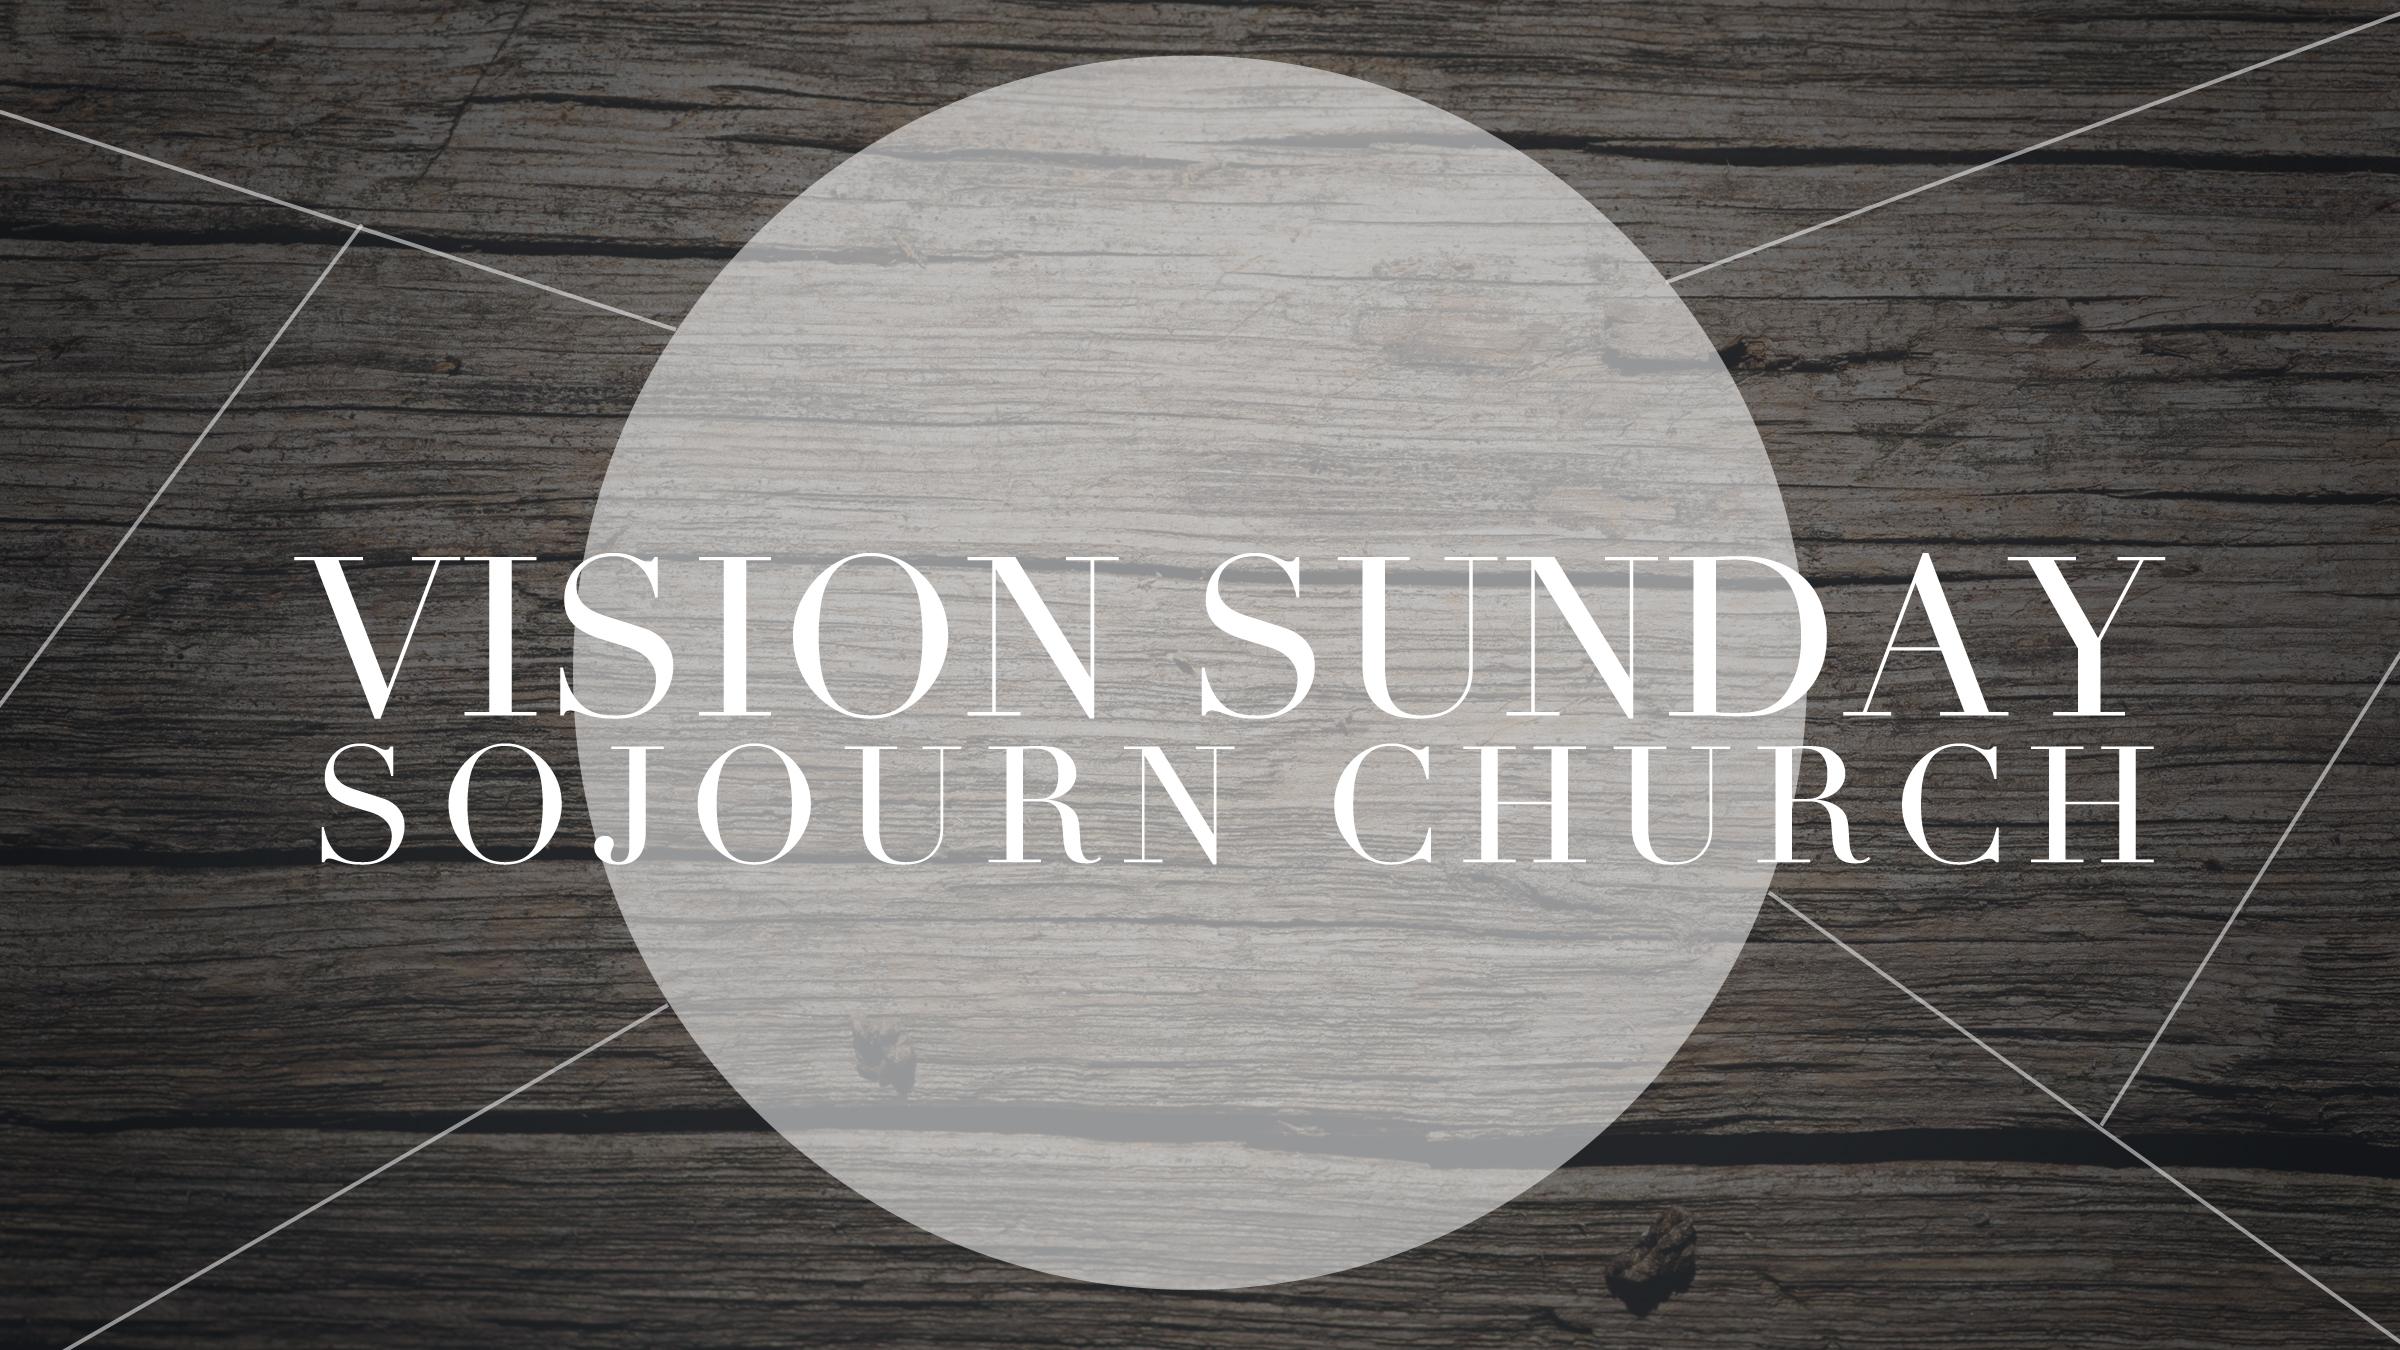 VisionSundaySlideSojournChurch2.jpg